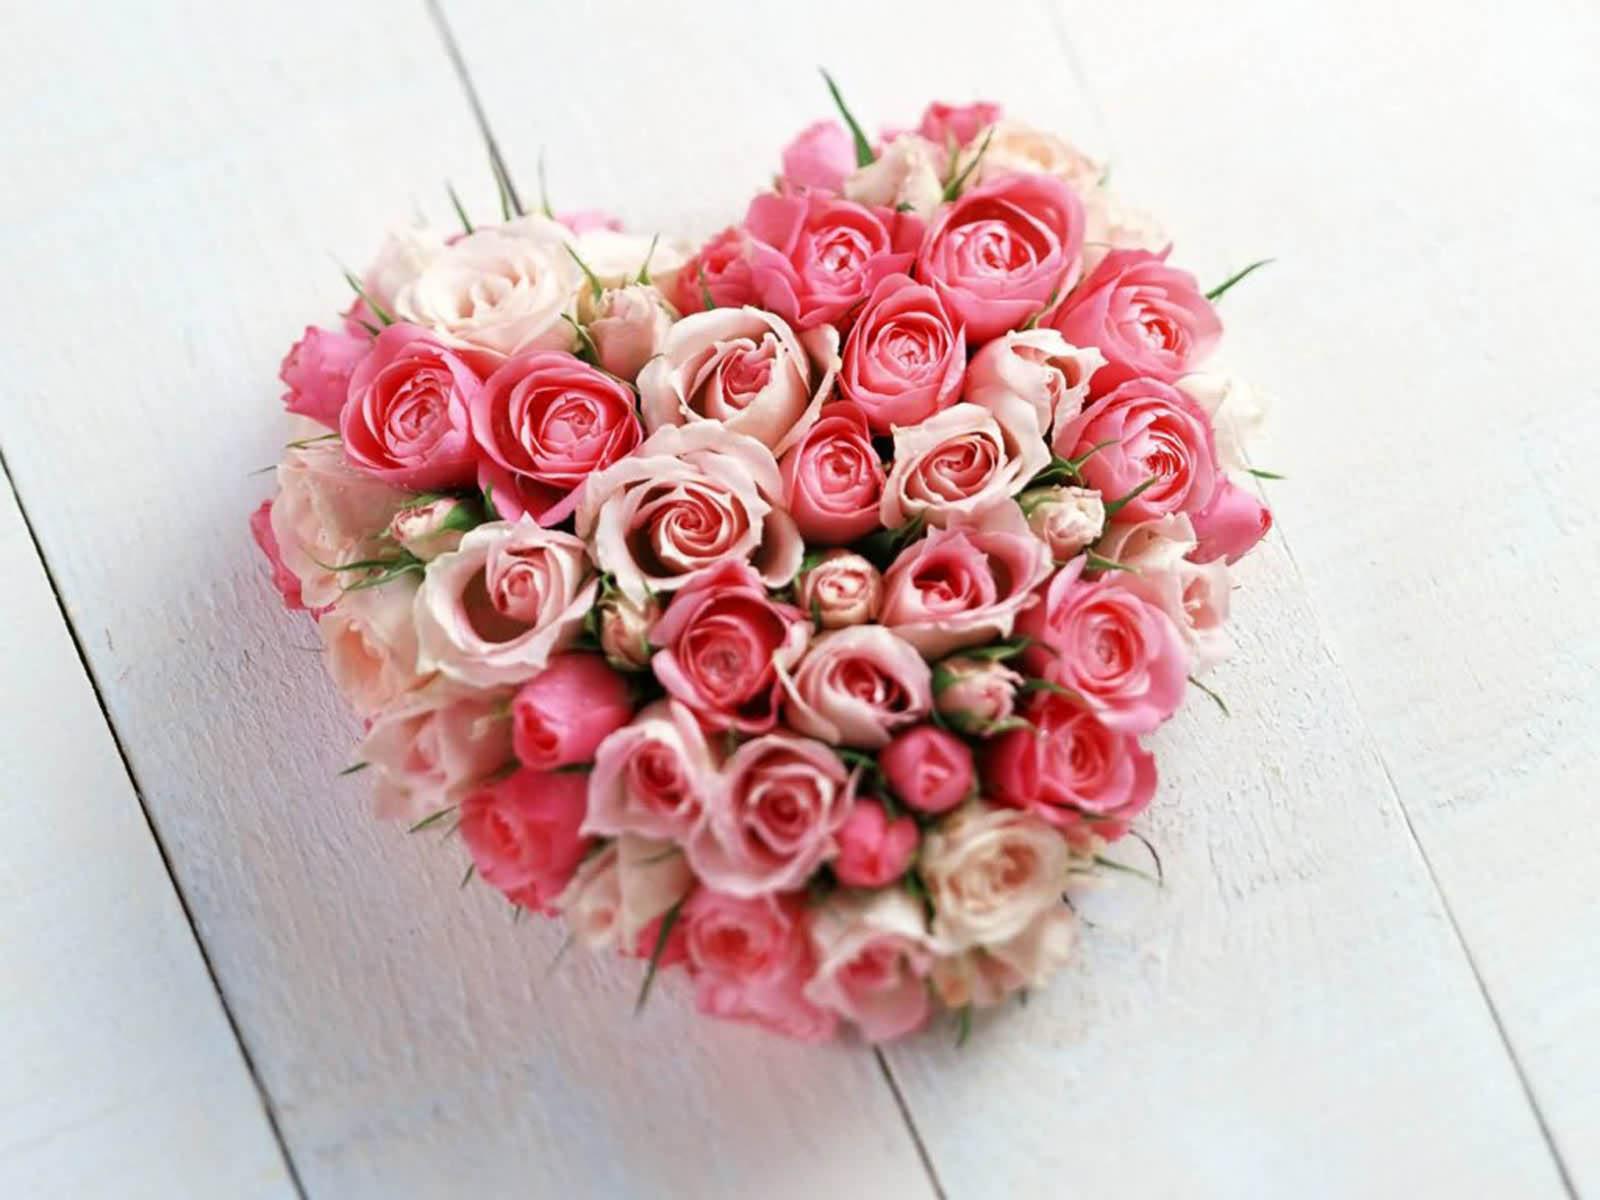 Valentine's Day Gifts - Salon des Refusés